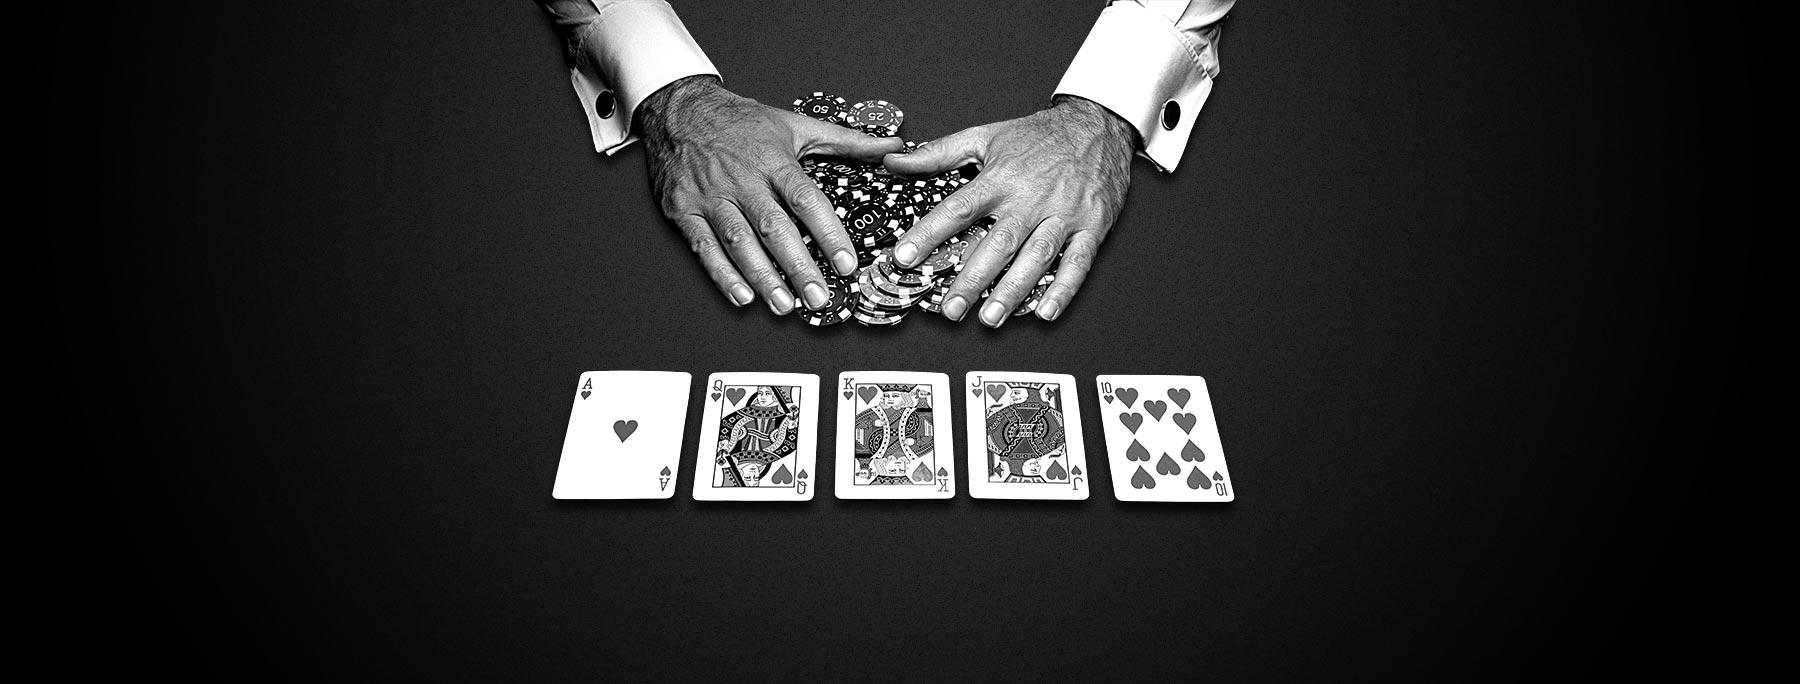 Le casino en ligne : mes critères pour choisir un bon site